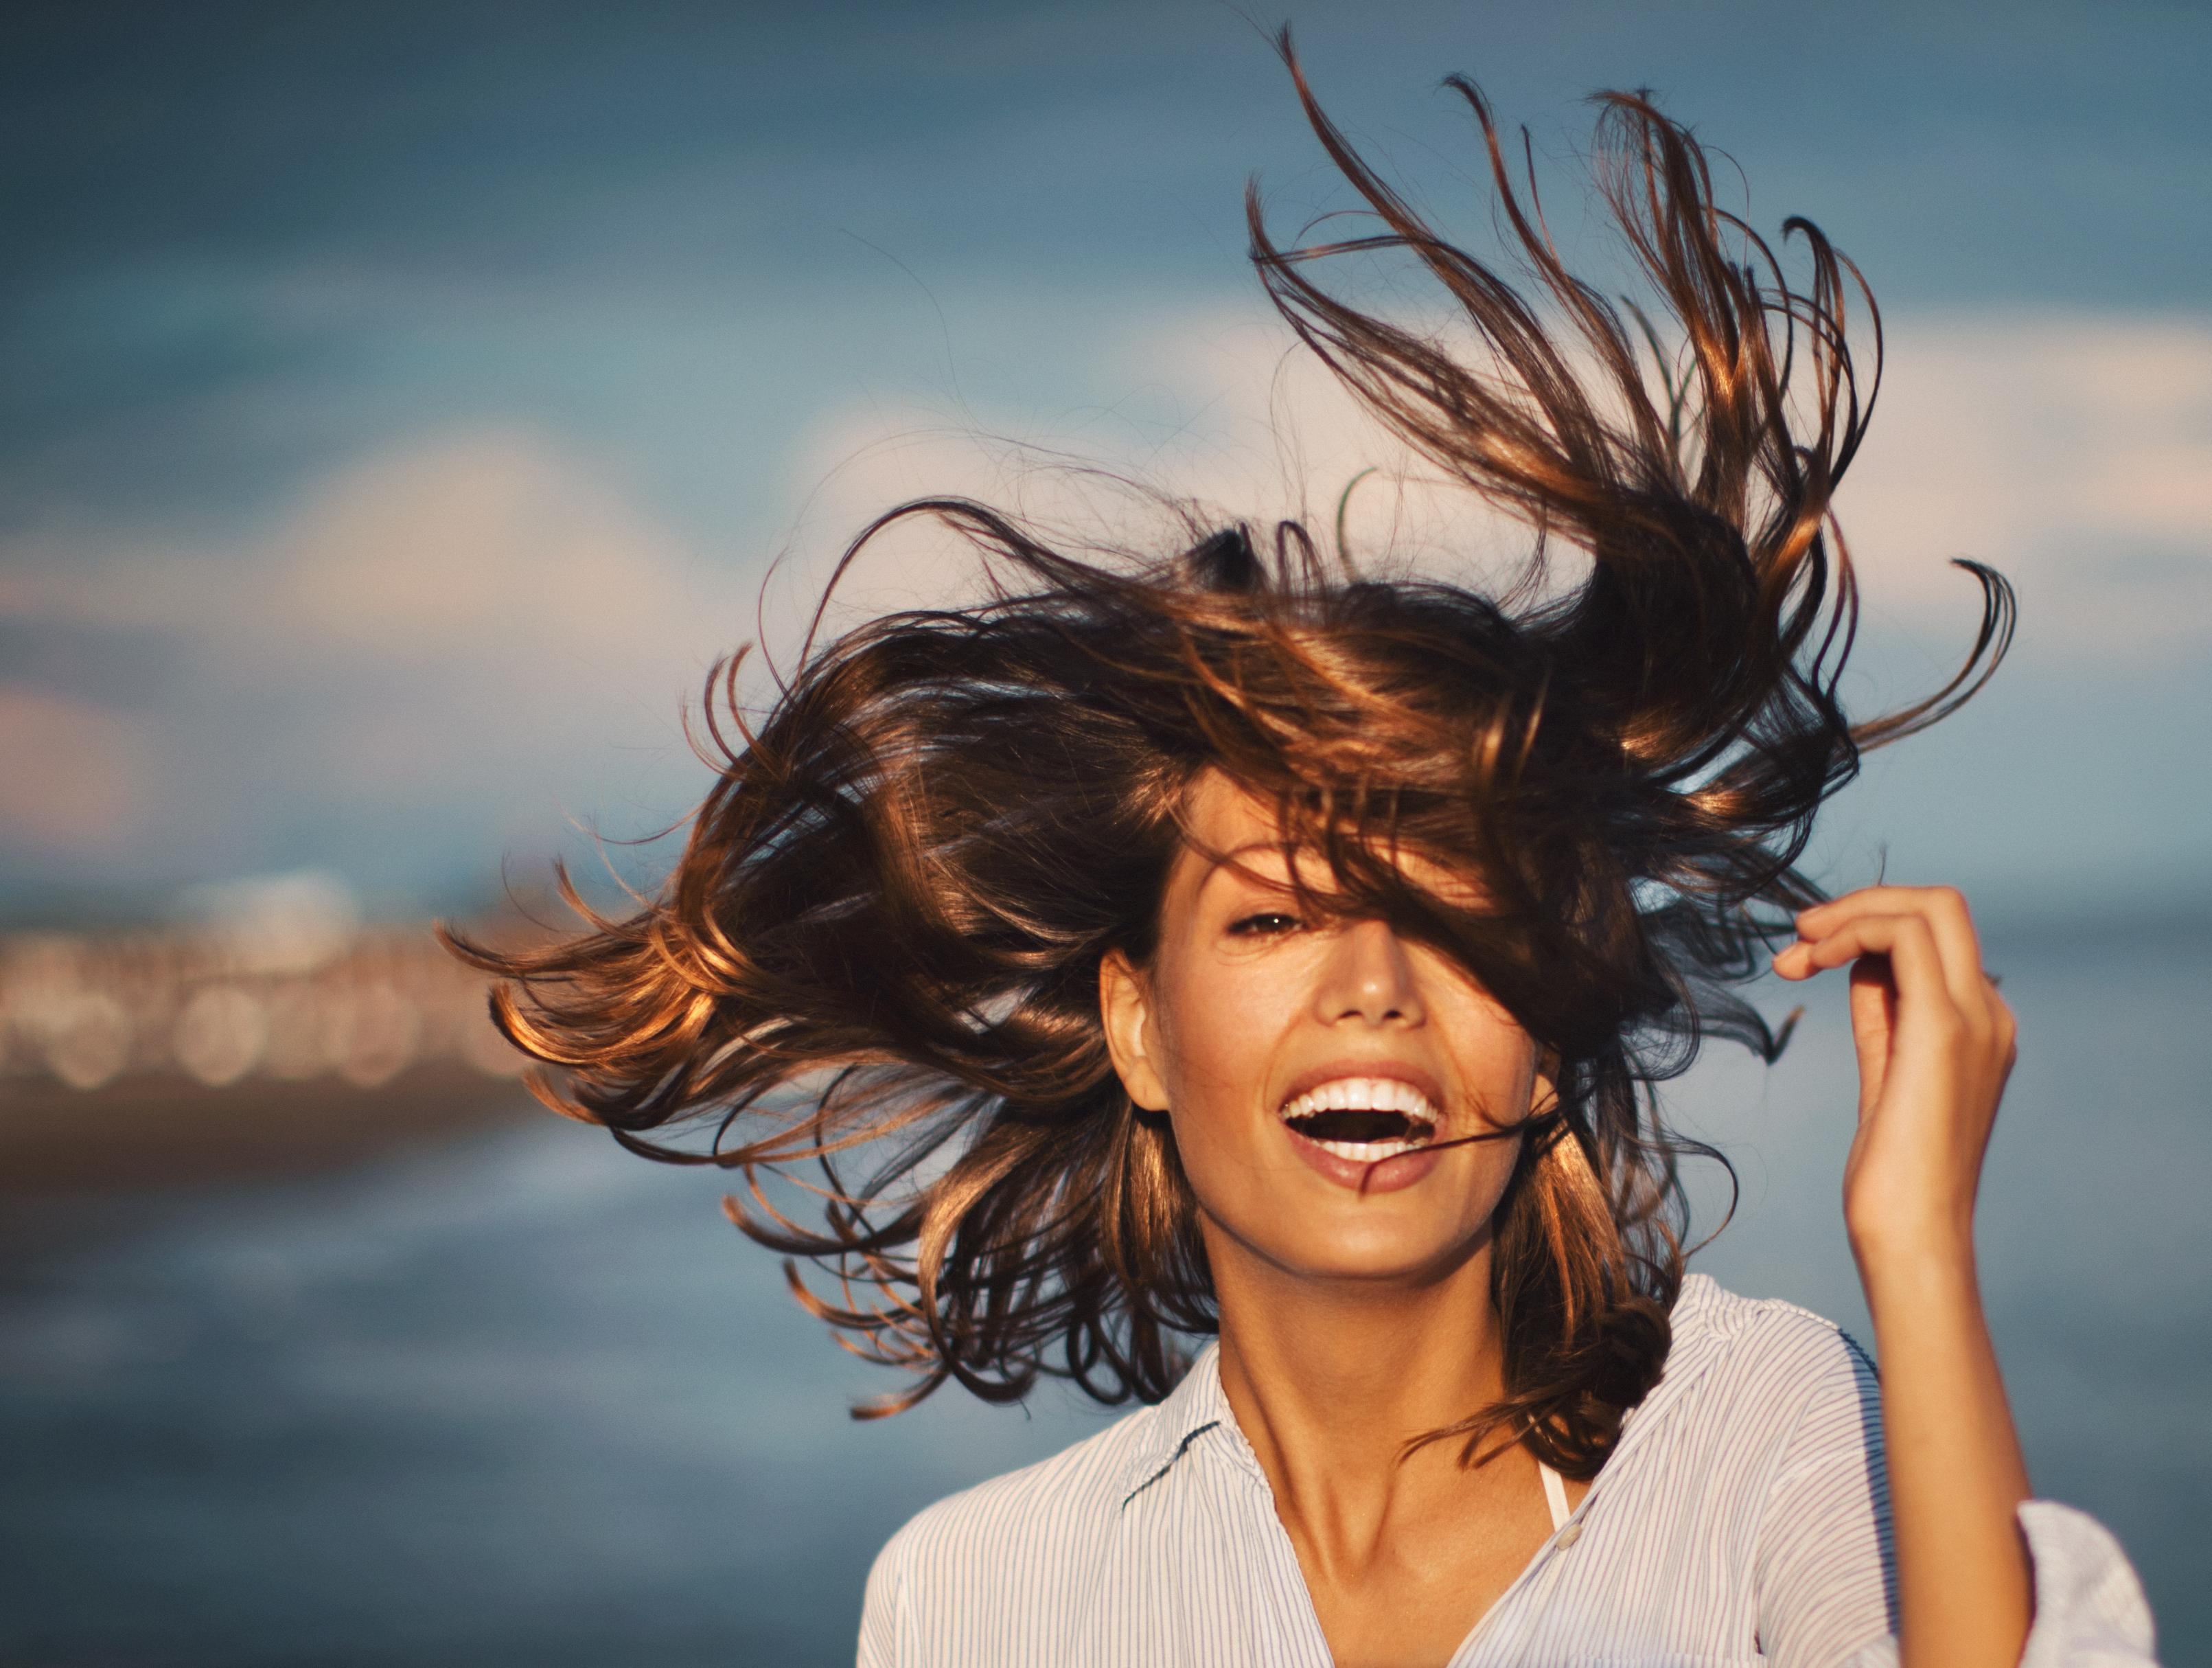 <p><strong>Да бъдем благодарни</strong></p>  <p>Нещата, които липсват на много хора, ние ги имаме в изобилие. Ето защо трябва да се научим да бъдем по-благодарни&nbsp; за онова, което имаме. Най-лесният начин да осъзнаем колко всъщност е благосклонен животът към нас е да си водим дневник на благодарността, в който вписваме всички хубави неща, които ни се случват и за които сме благодарни.</p>